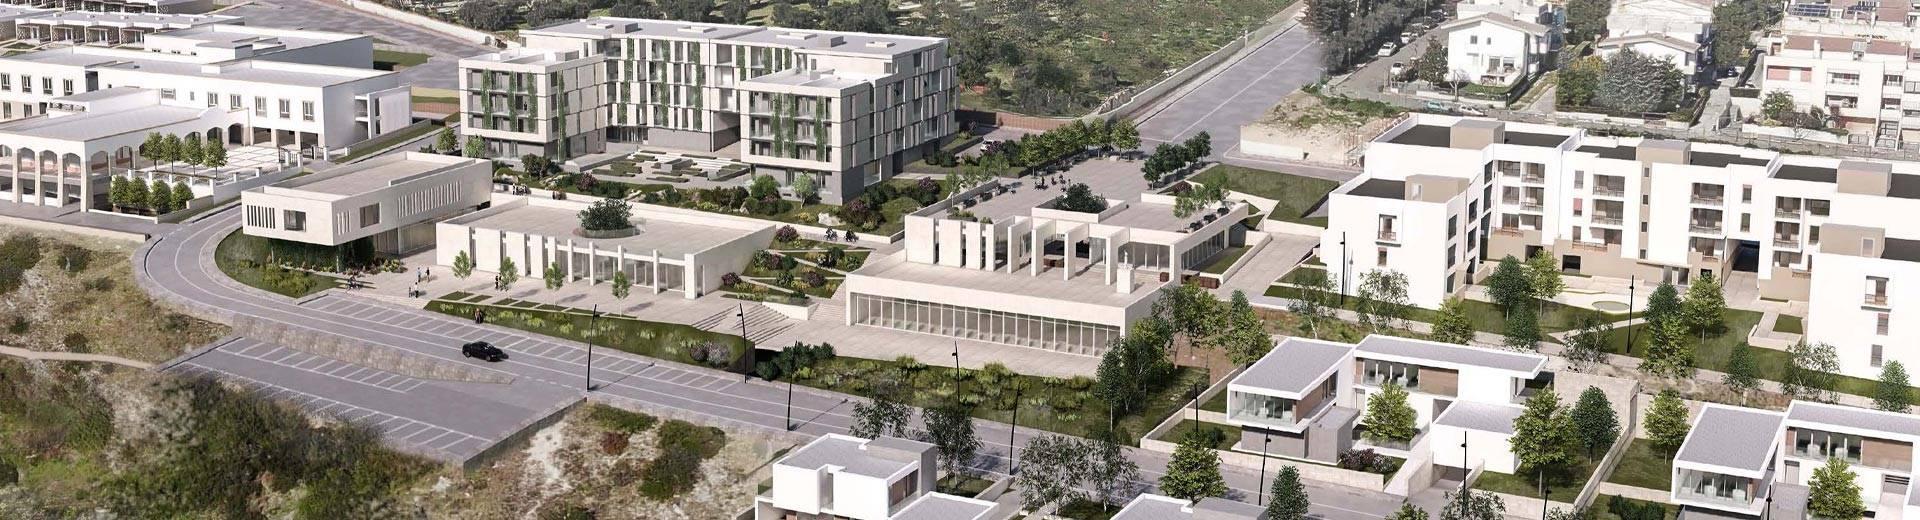 Appartamento in vendita a Matera, 4 locali, zona Zona: Periferia Sud, prezzo € 223.200 | CambioCasa.it